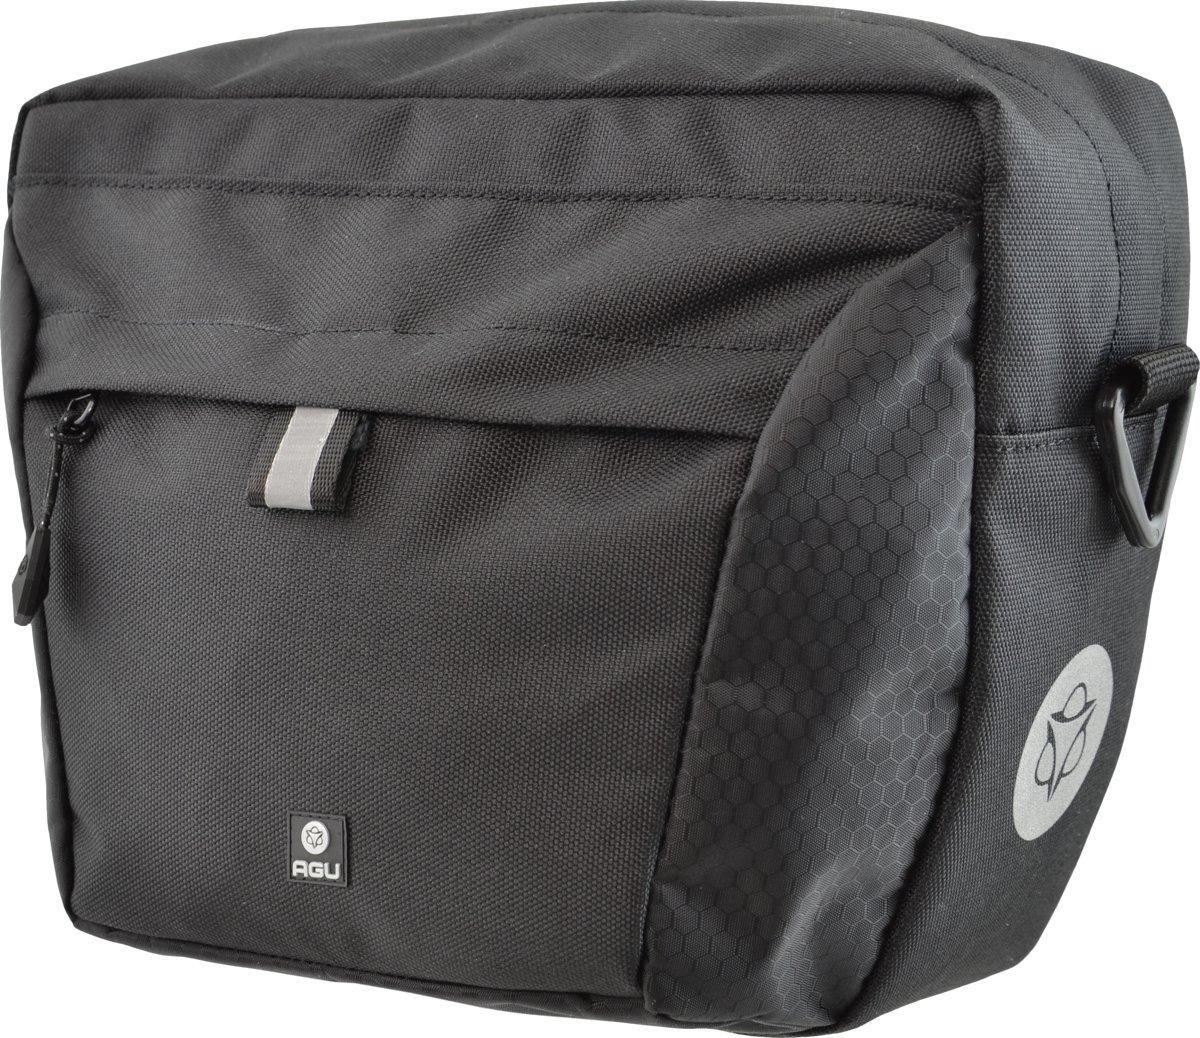 AGU Essentials DWR Stuurtas 7L Stuurtas - 7l - Zwart kopen